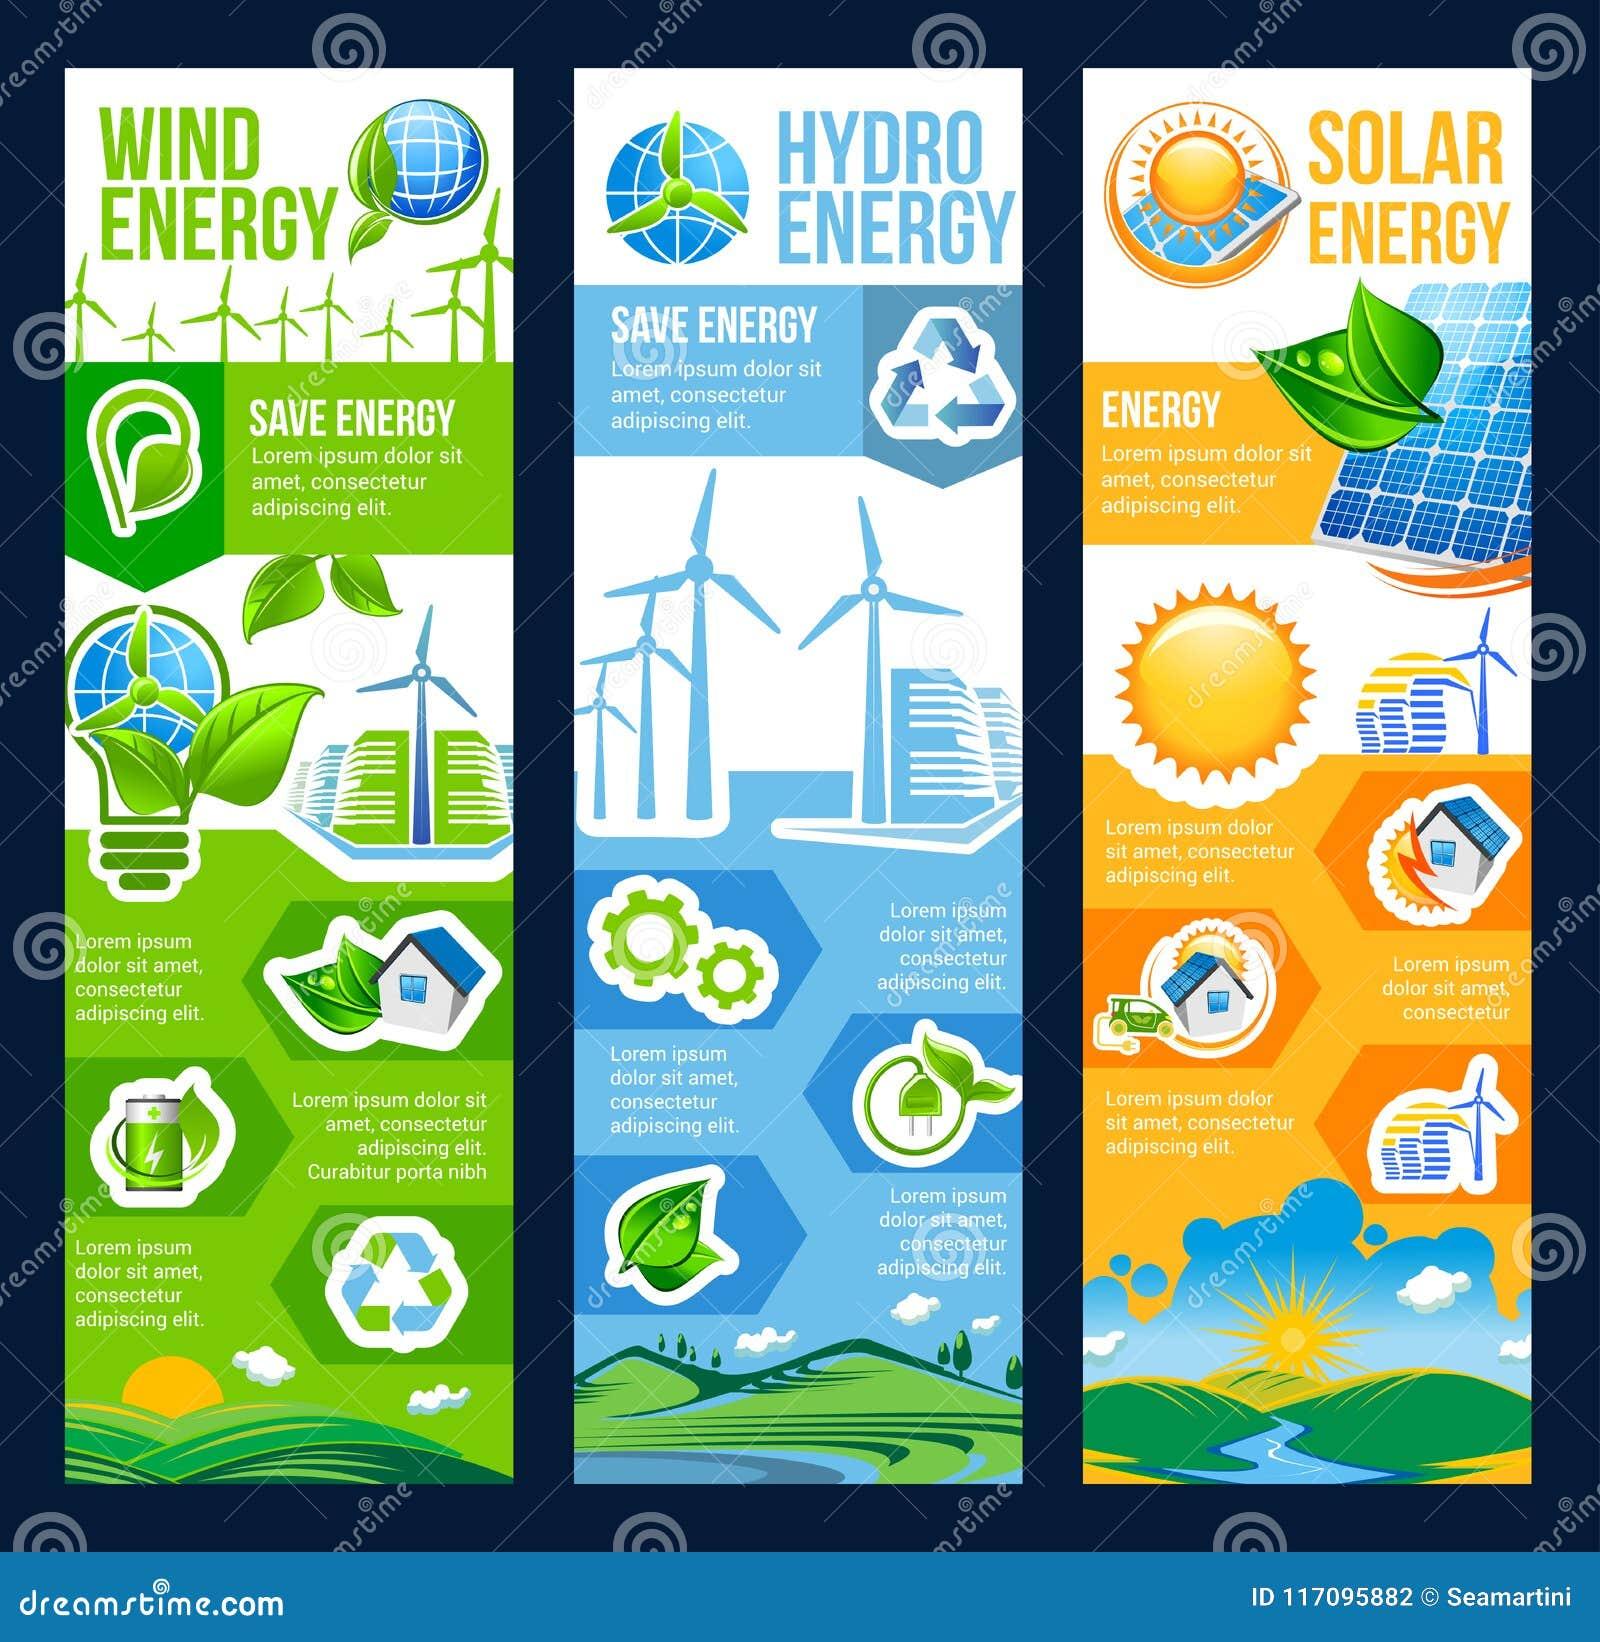 Сохраньте знамя энергии солнечного, ветра и гидро силы